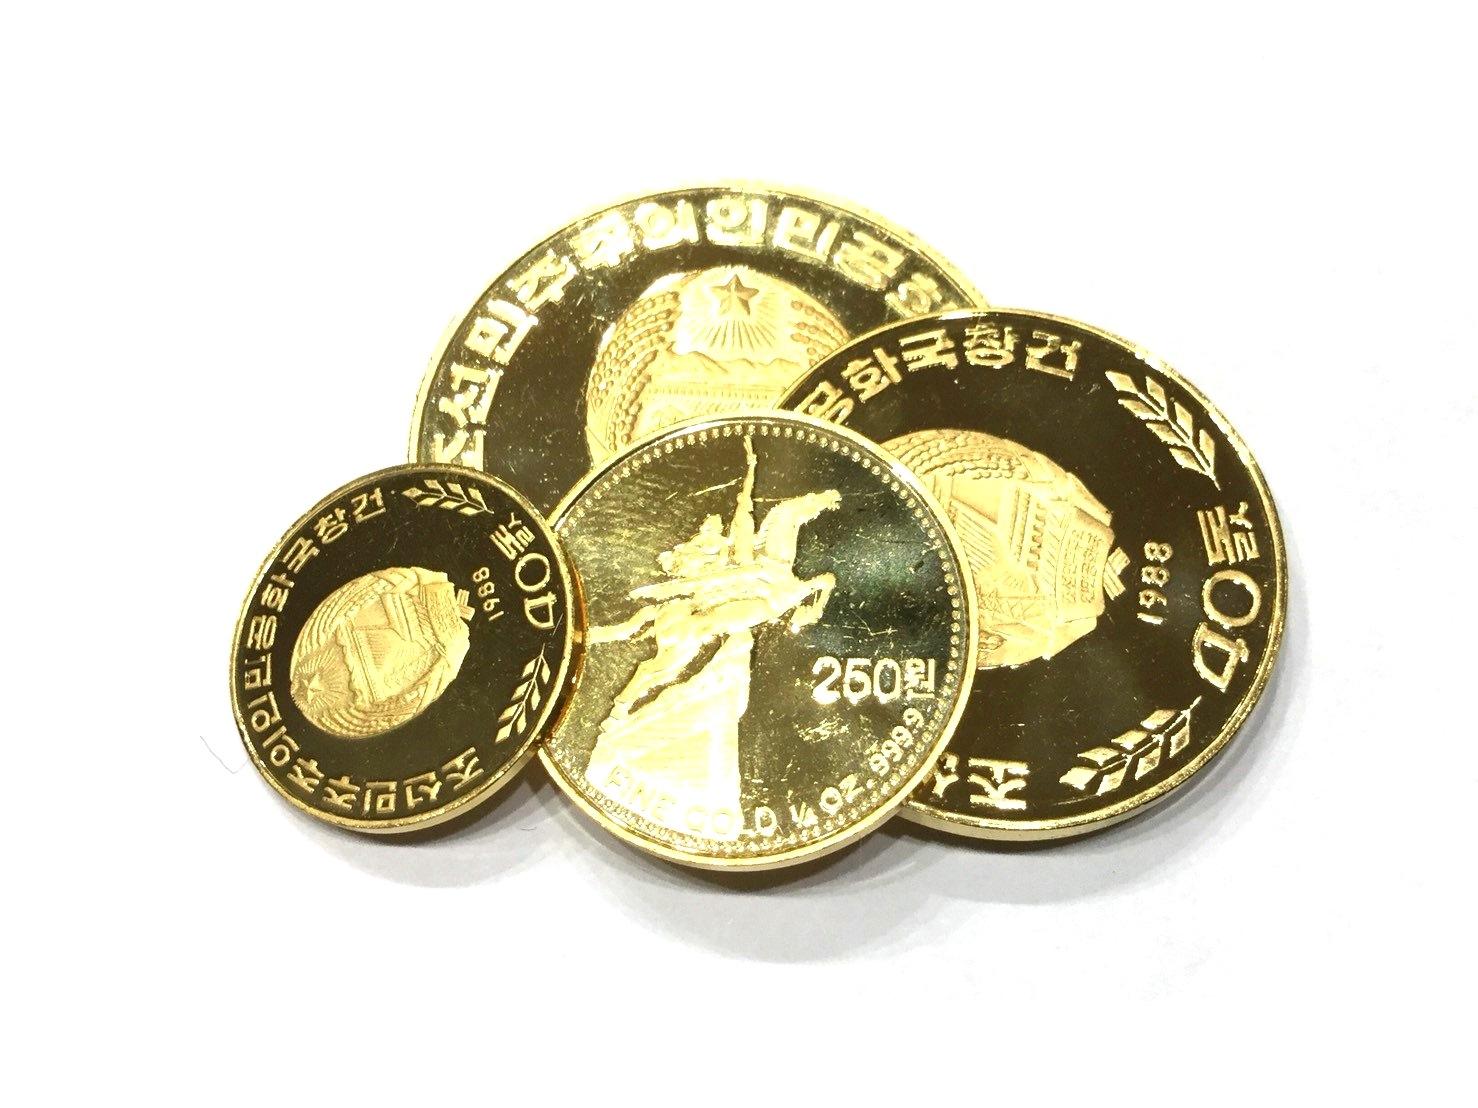 【素材】K24 【形状】コインの画像